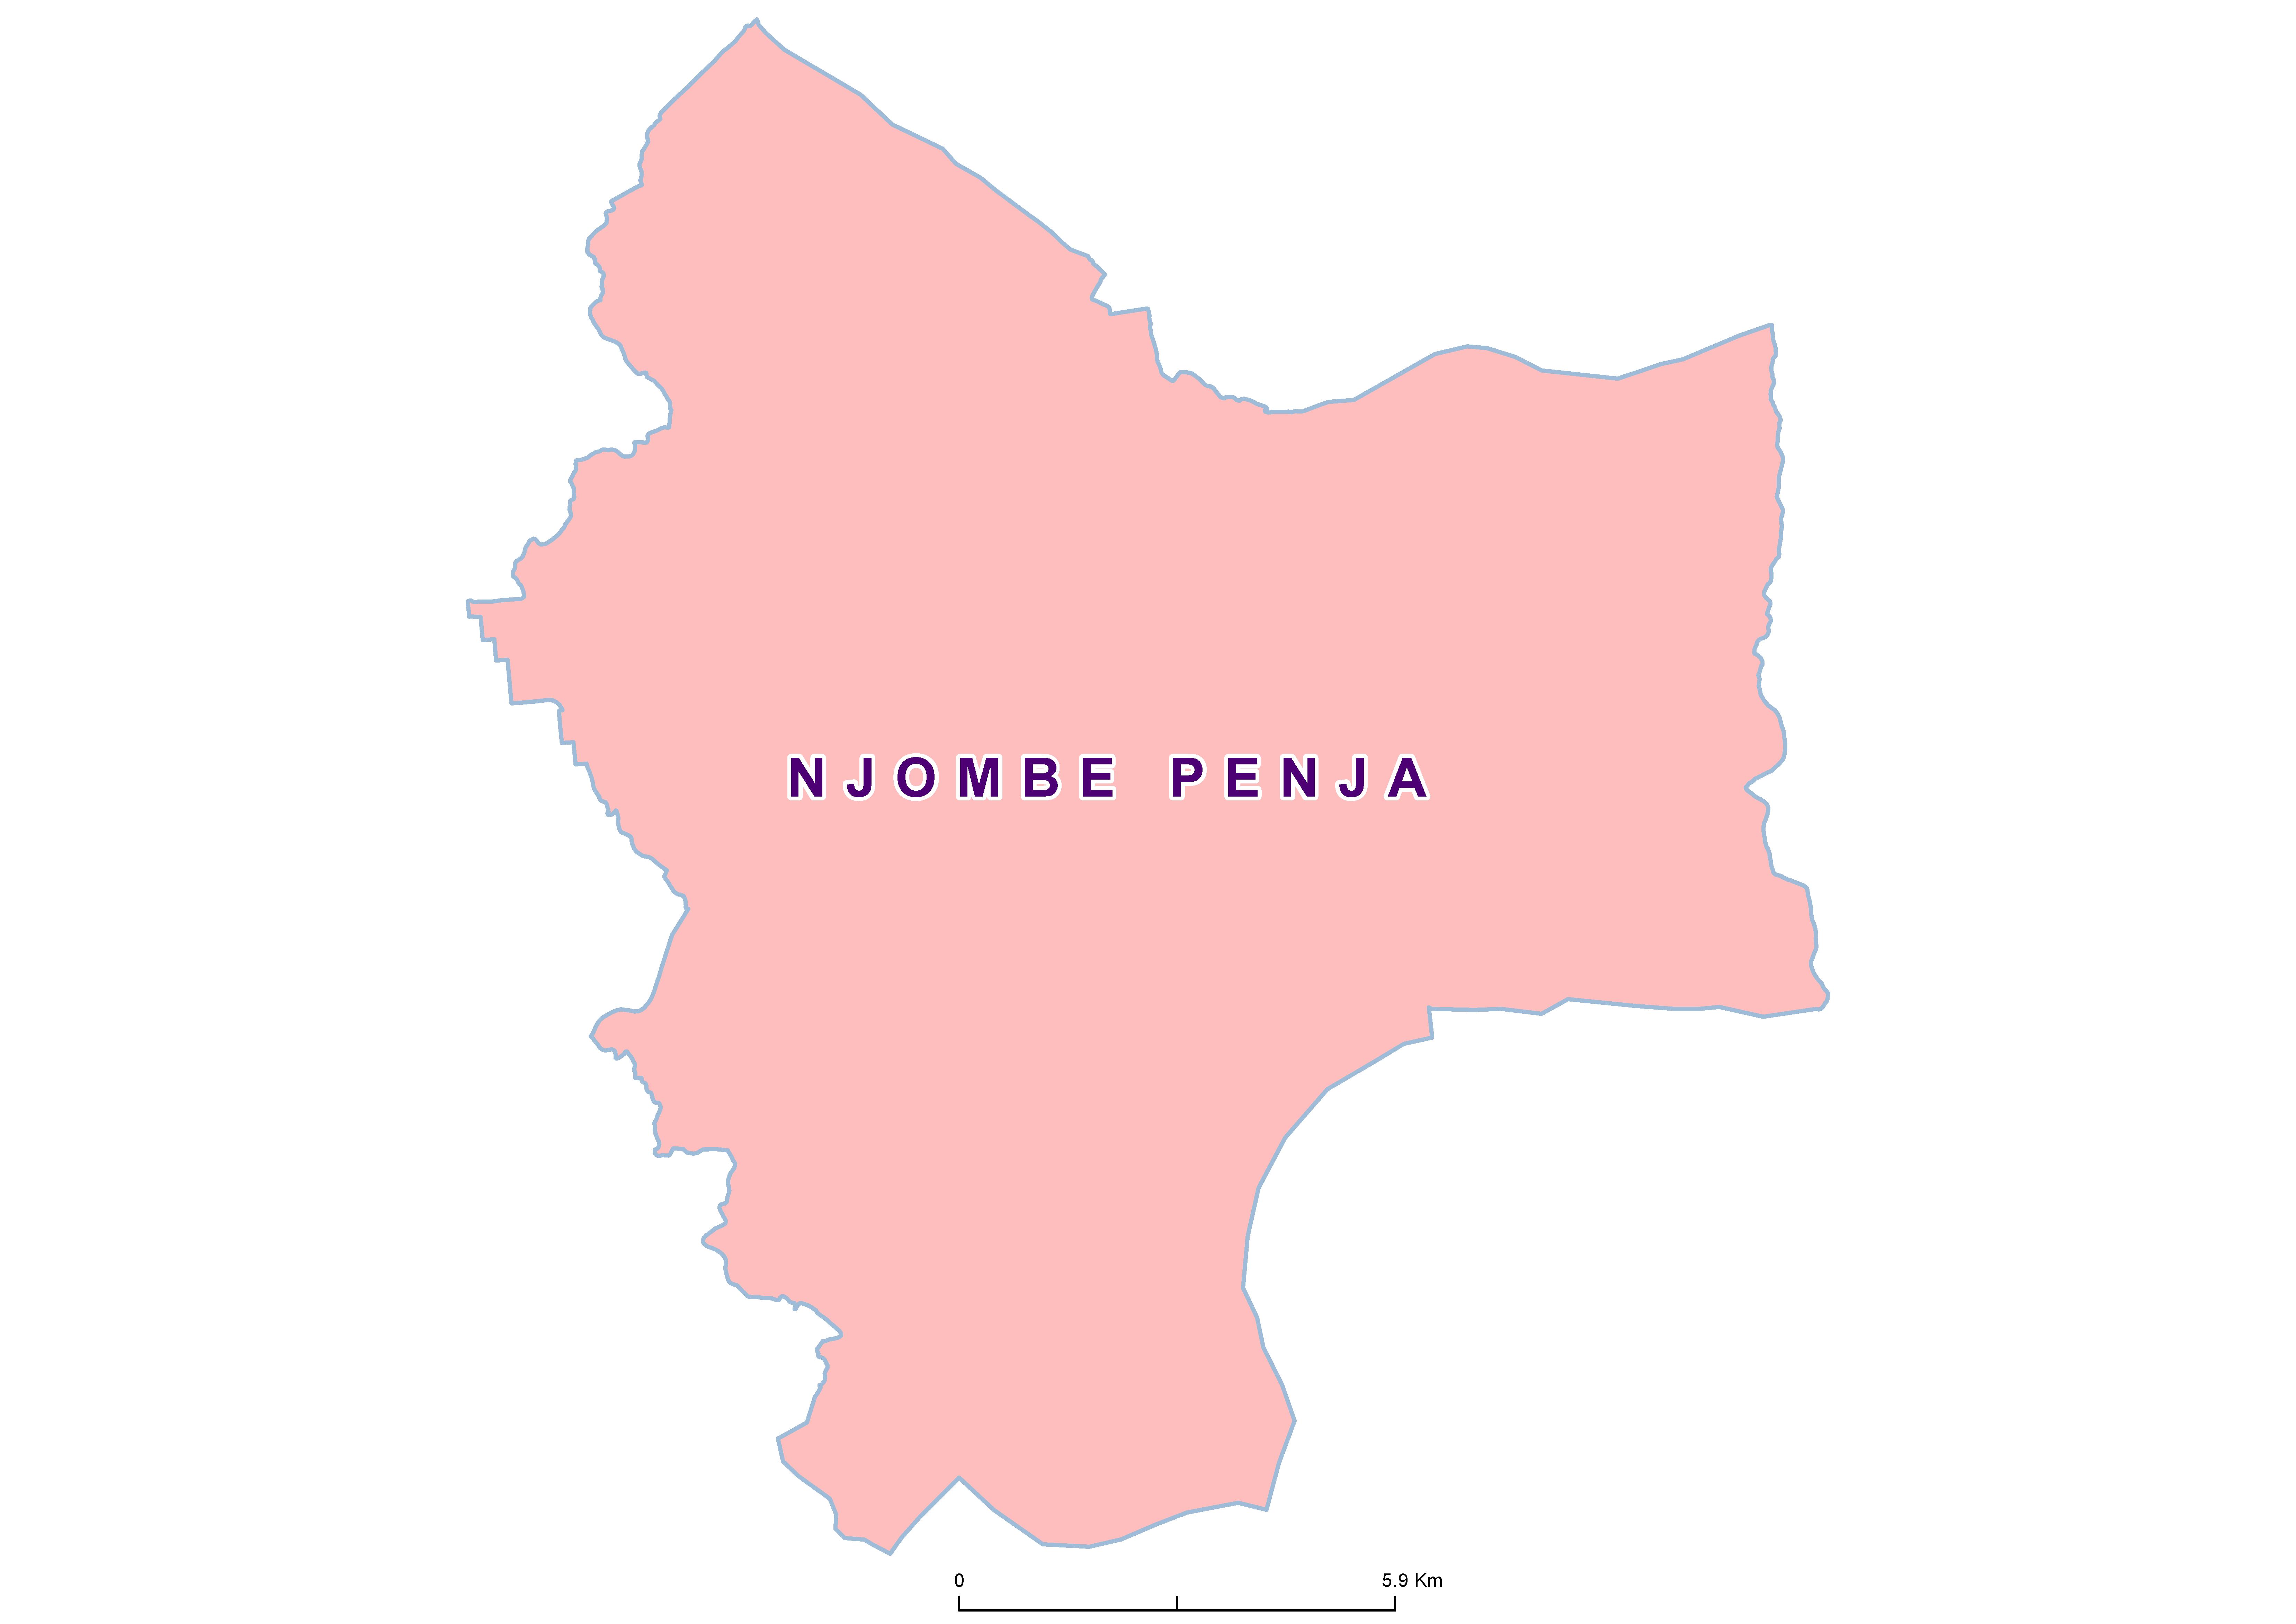 Njombe penja Mean STH 20180001